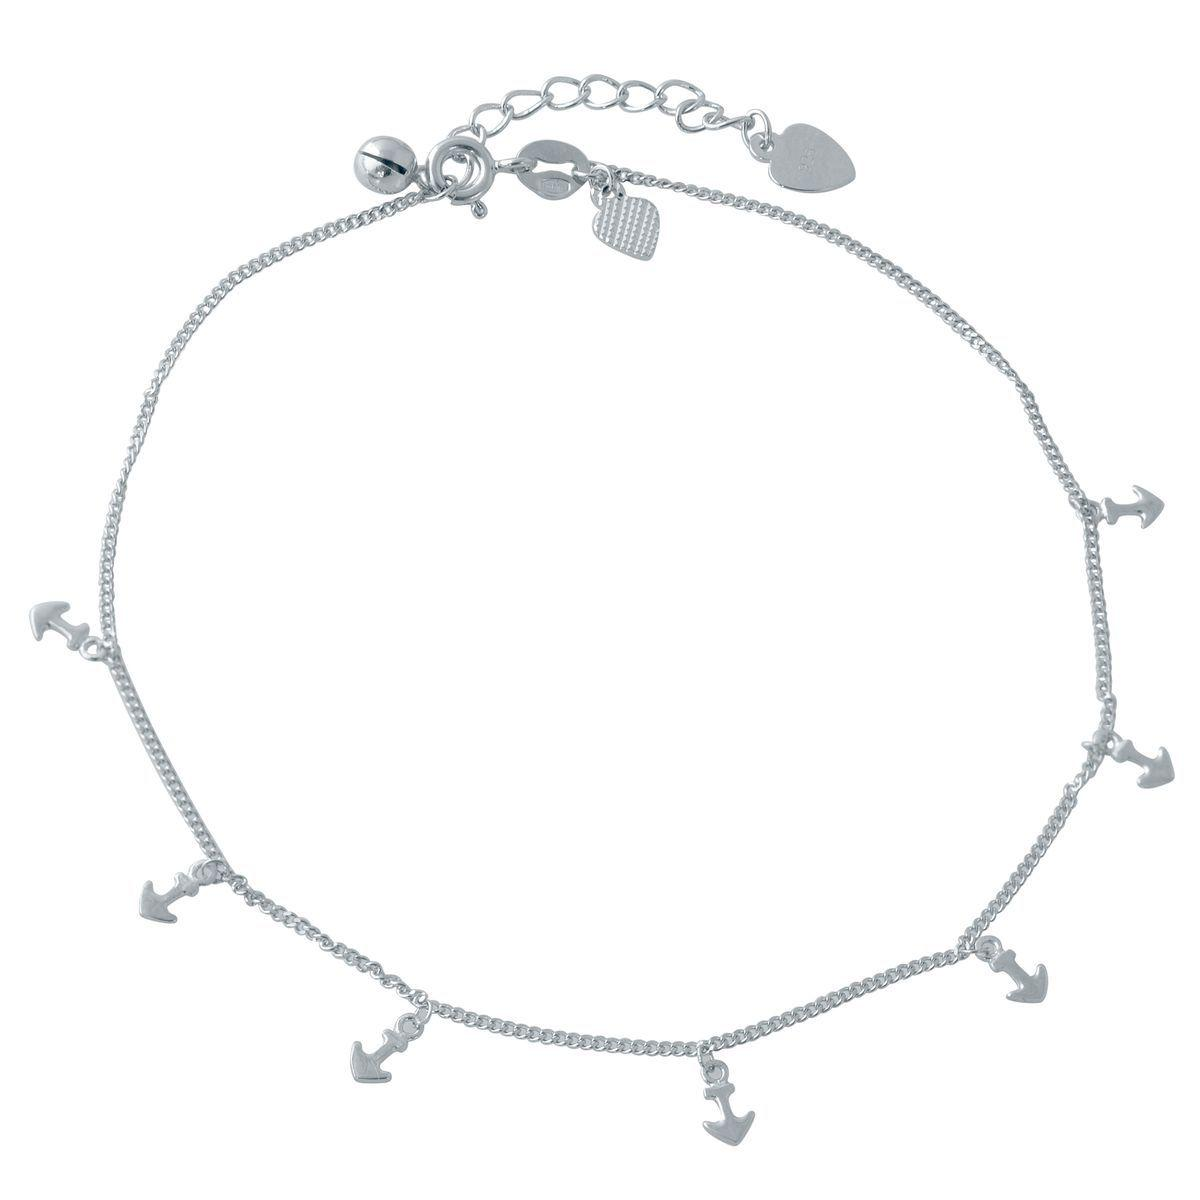 Серебряный браслет на ногу pSilverAlex без камней (2014430) 2326 размер